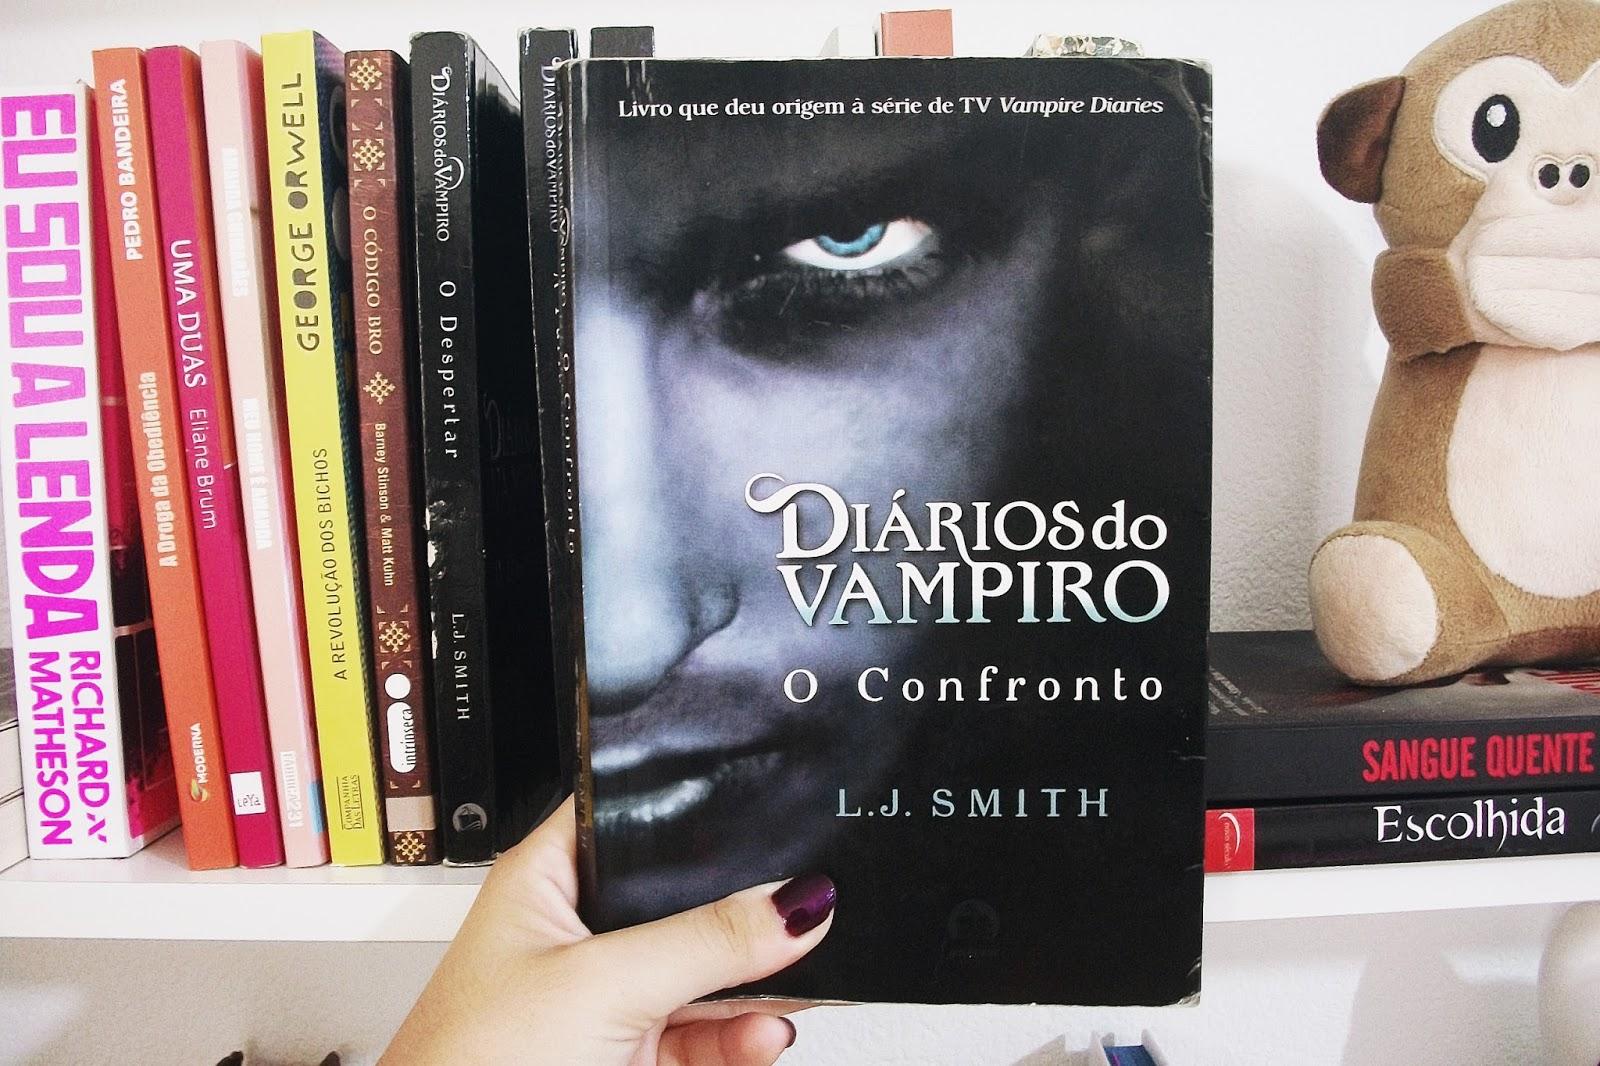 Diários do Vampiro: O Confronto, de L.J. Smith (#19)